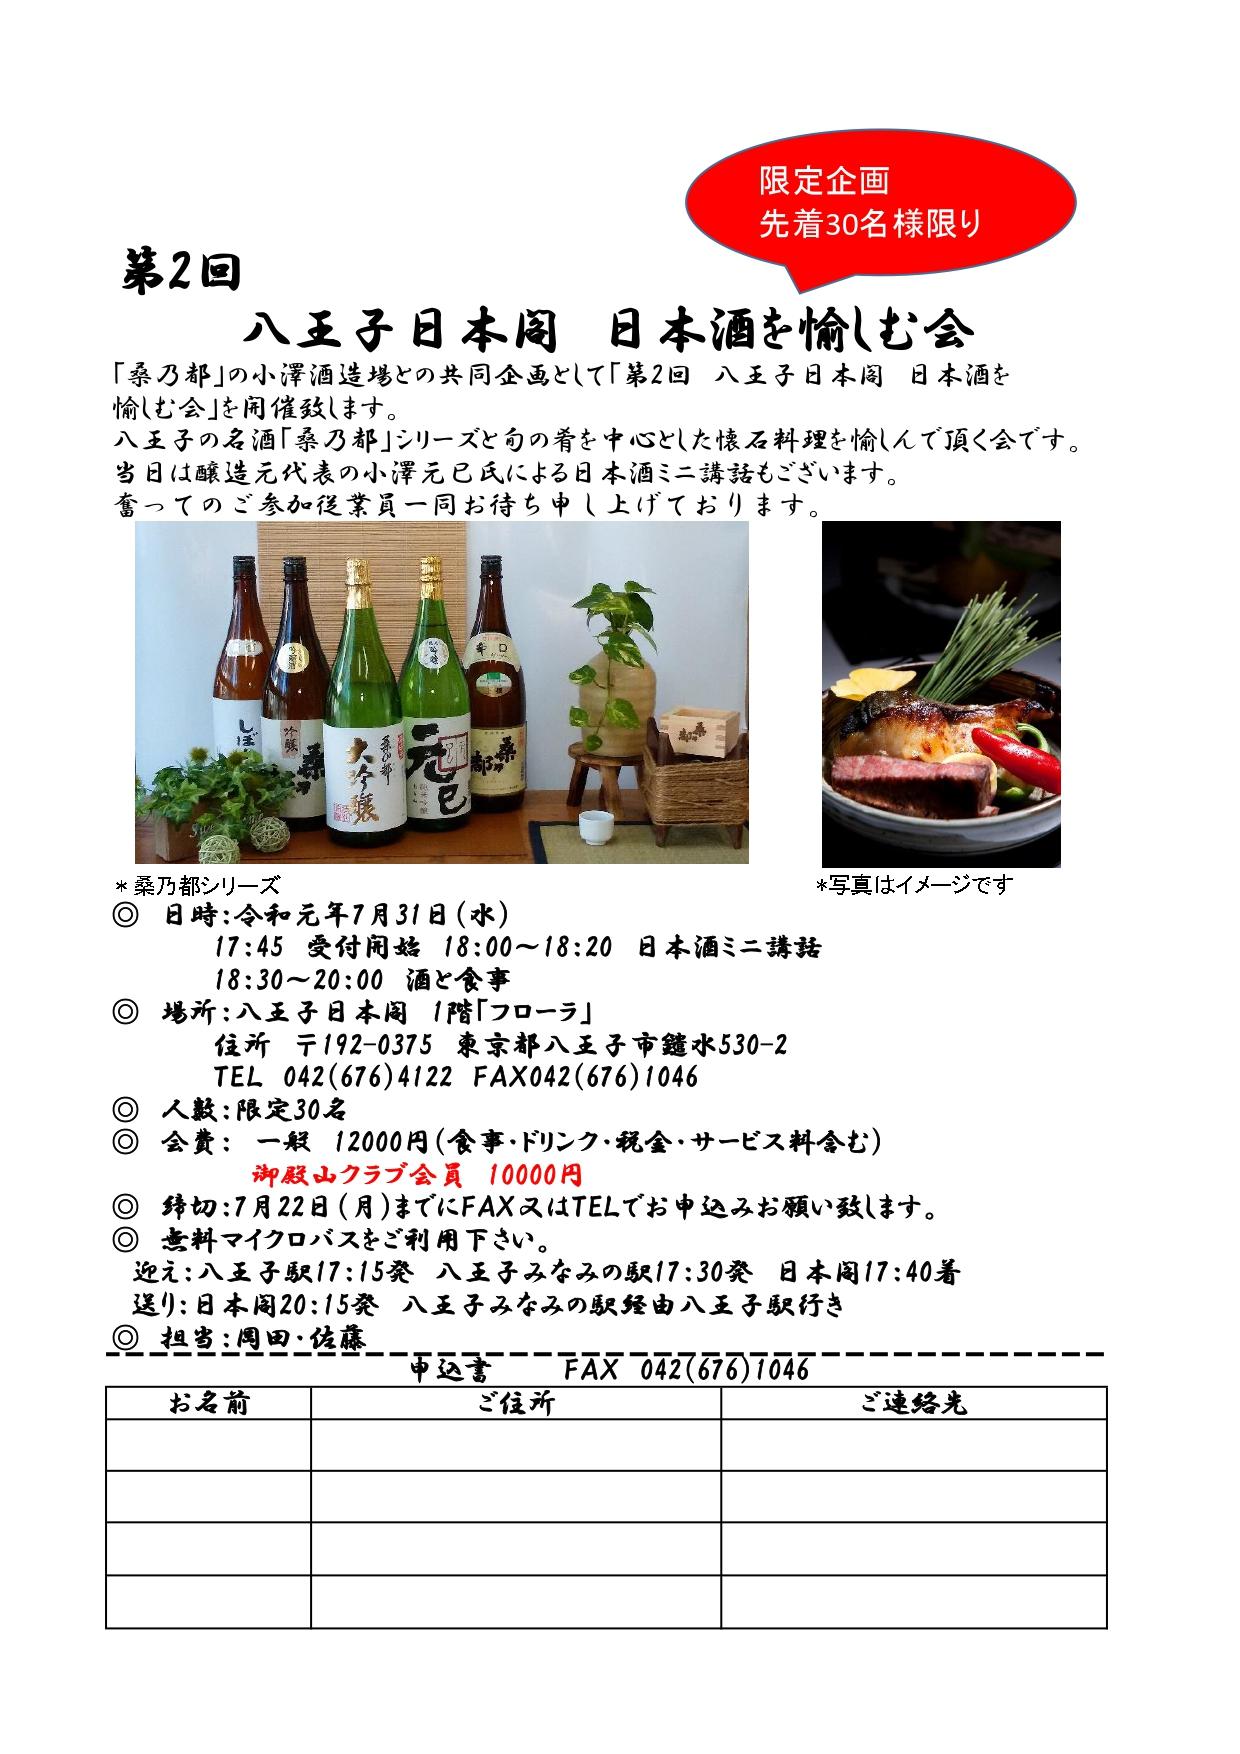 第2回 八王子日本閣 『日本酒を愉しむ会』開催